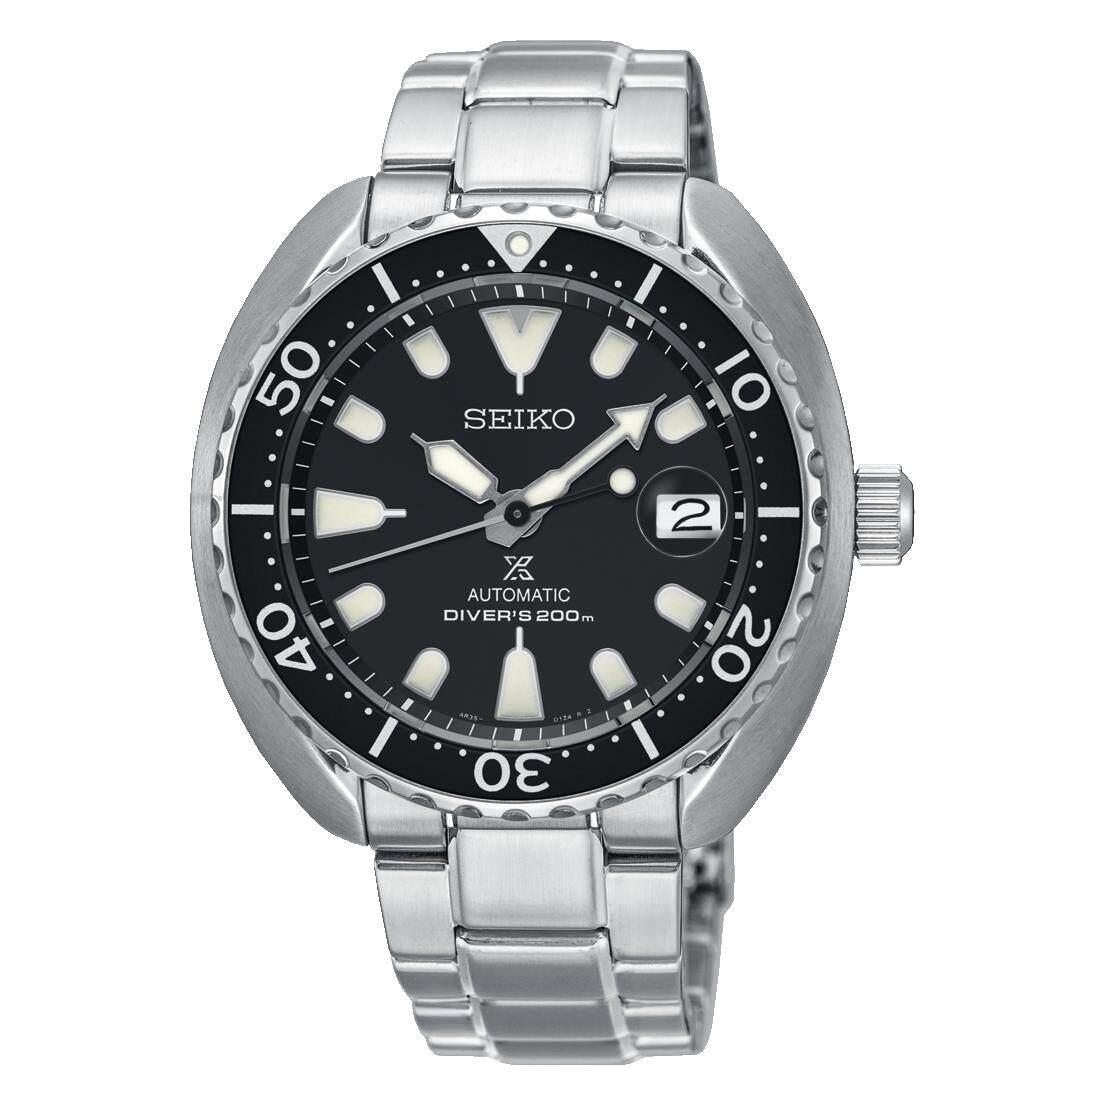 สกลนคร นาฬิกาไซโก้ Seiko SRPC35 Prospex Turtle SRPC35K SRPC35K1